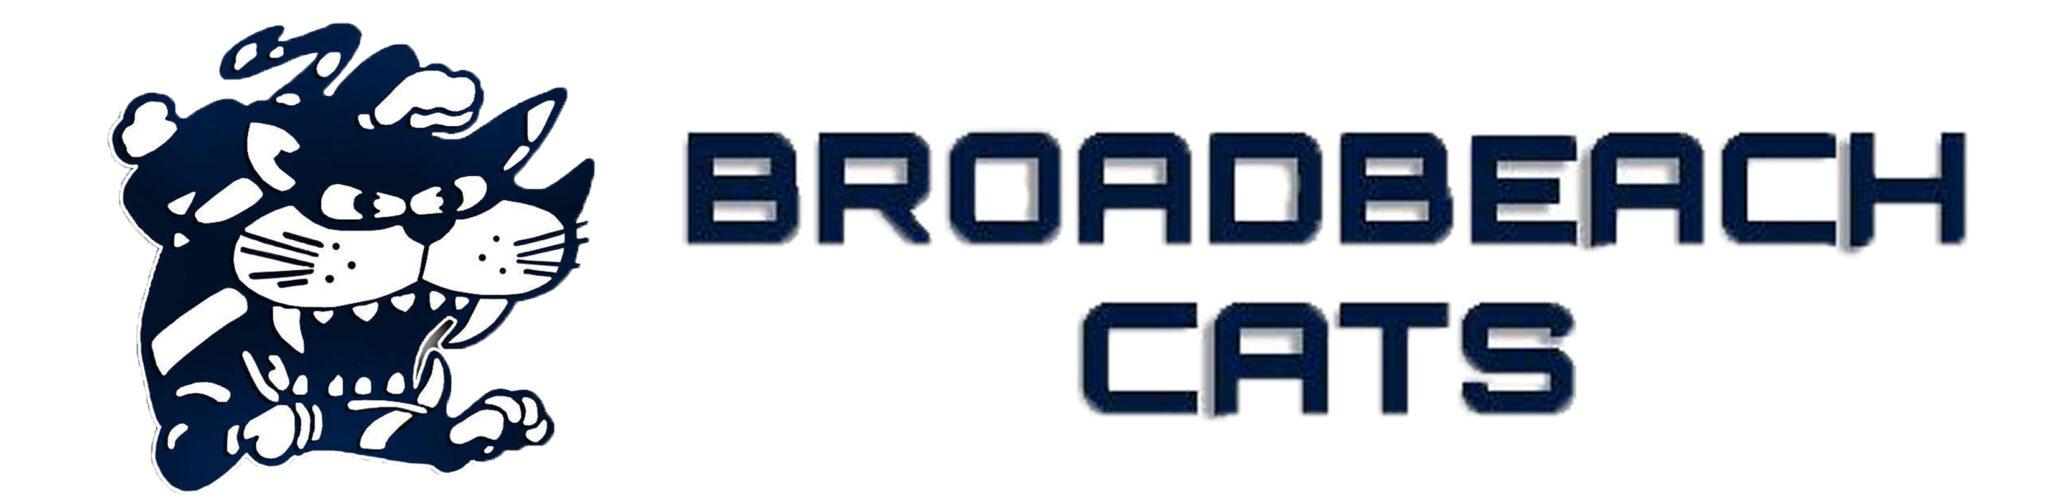 Broadbeach Cats JAFC